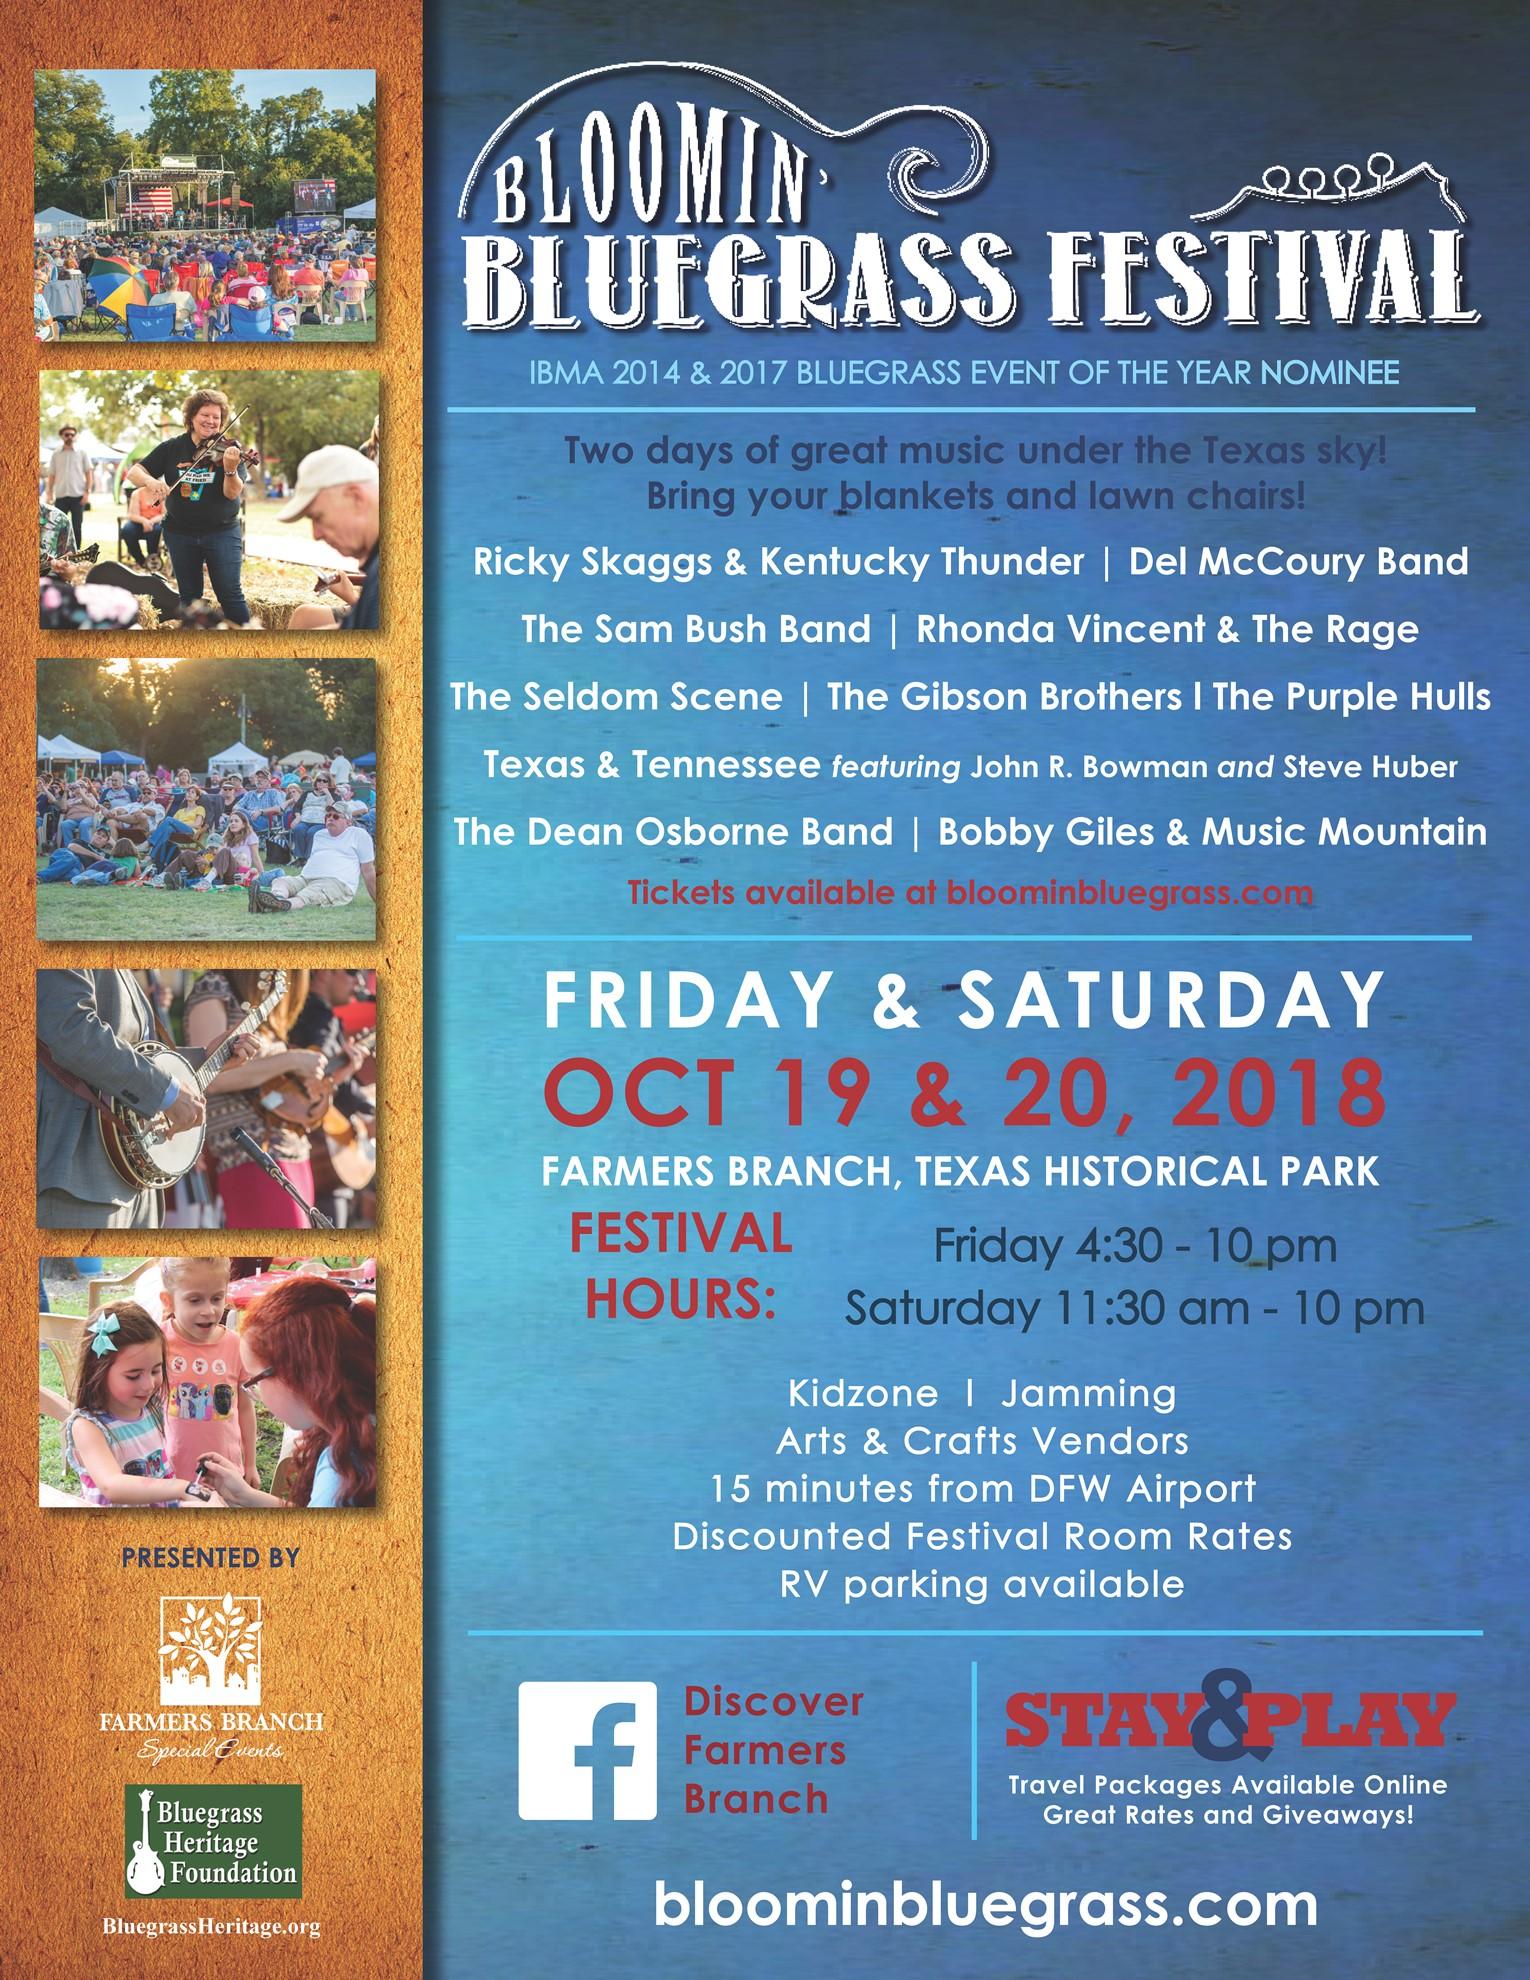 Bloomin' Bluegrass Festival 2018